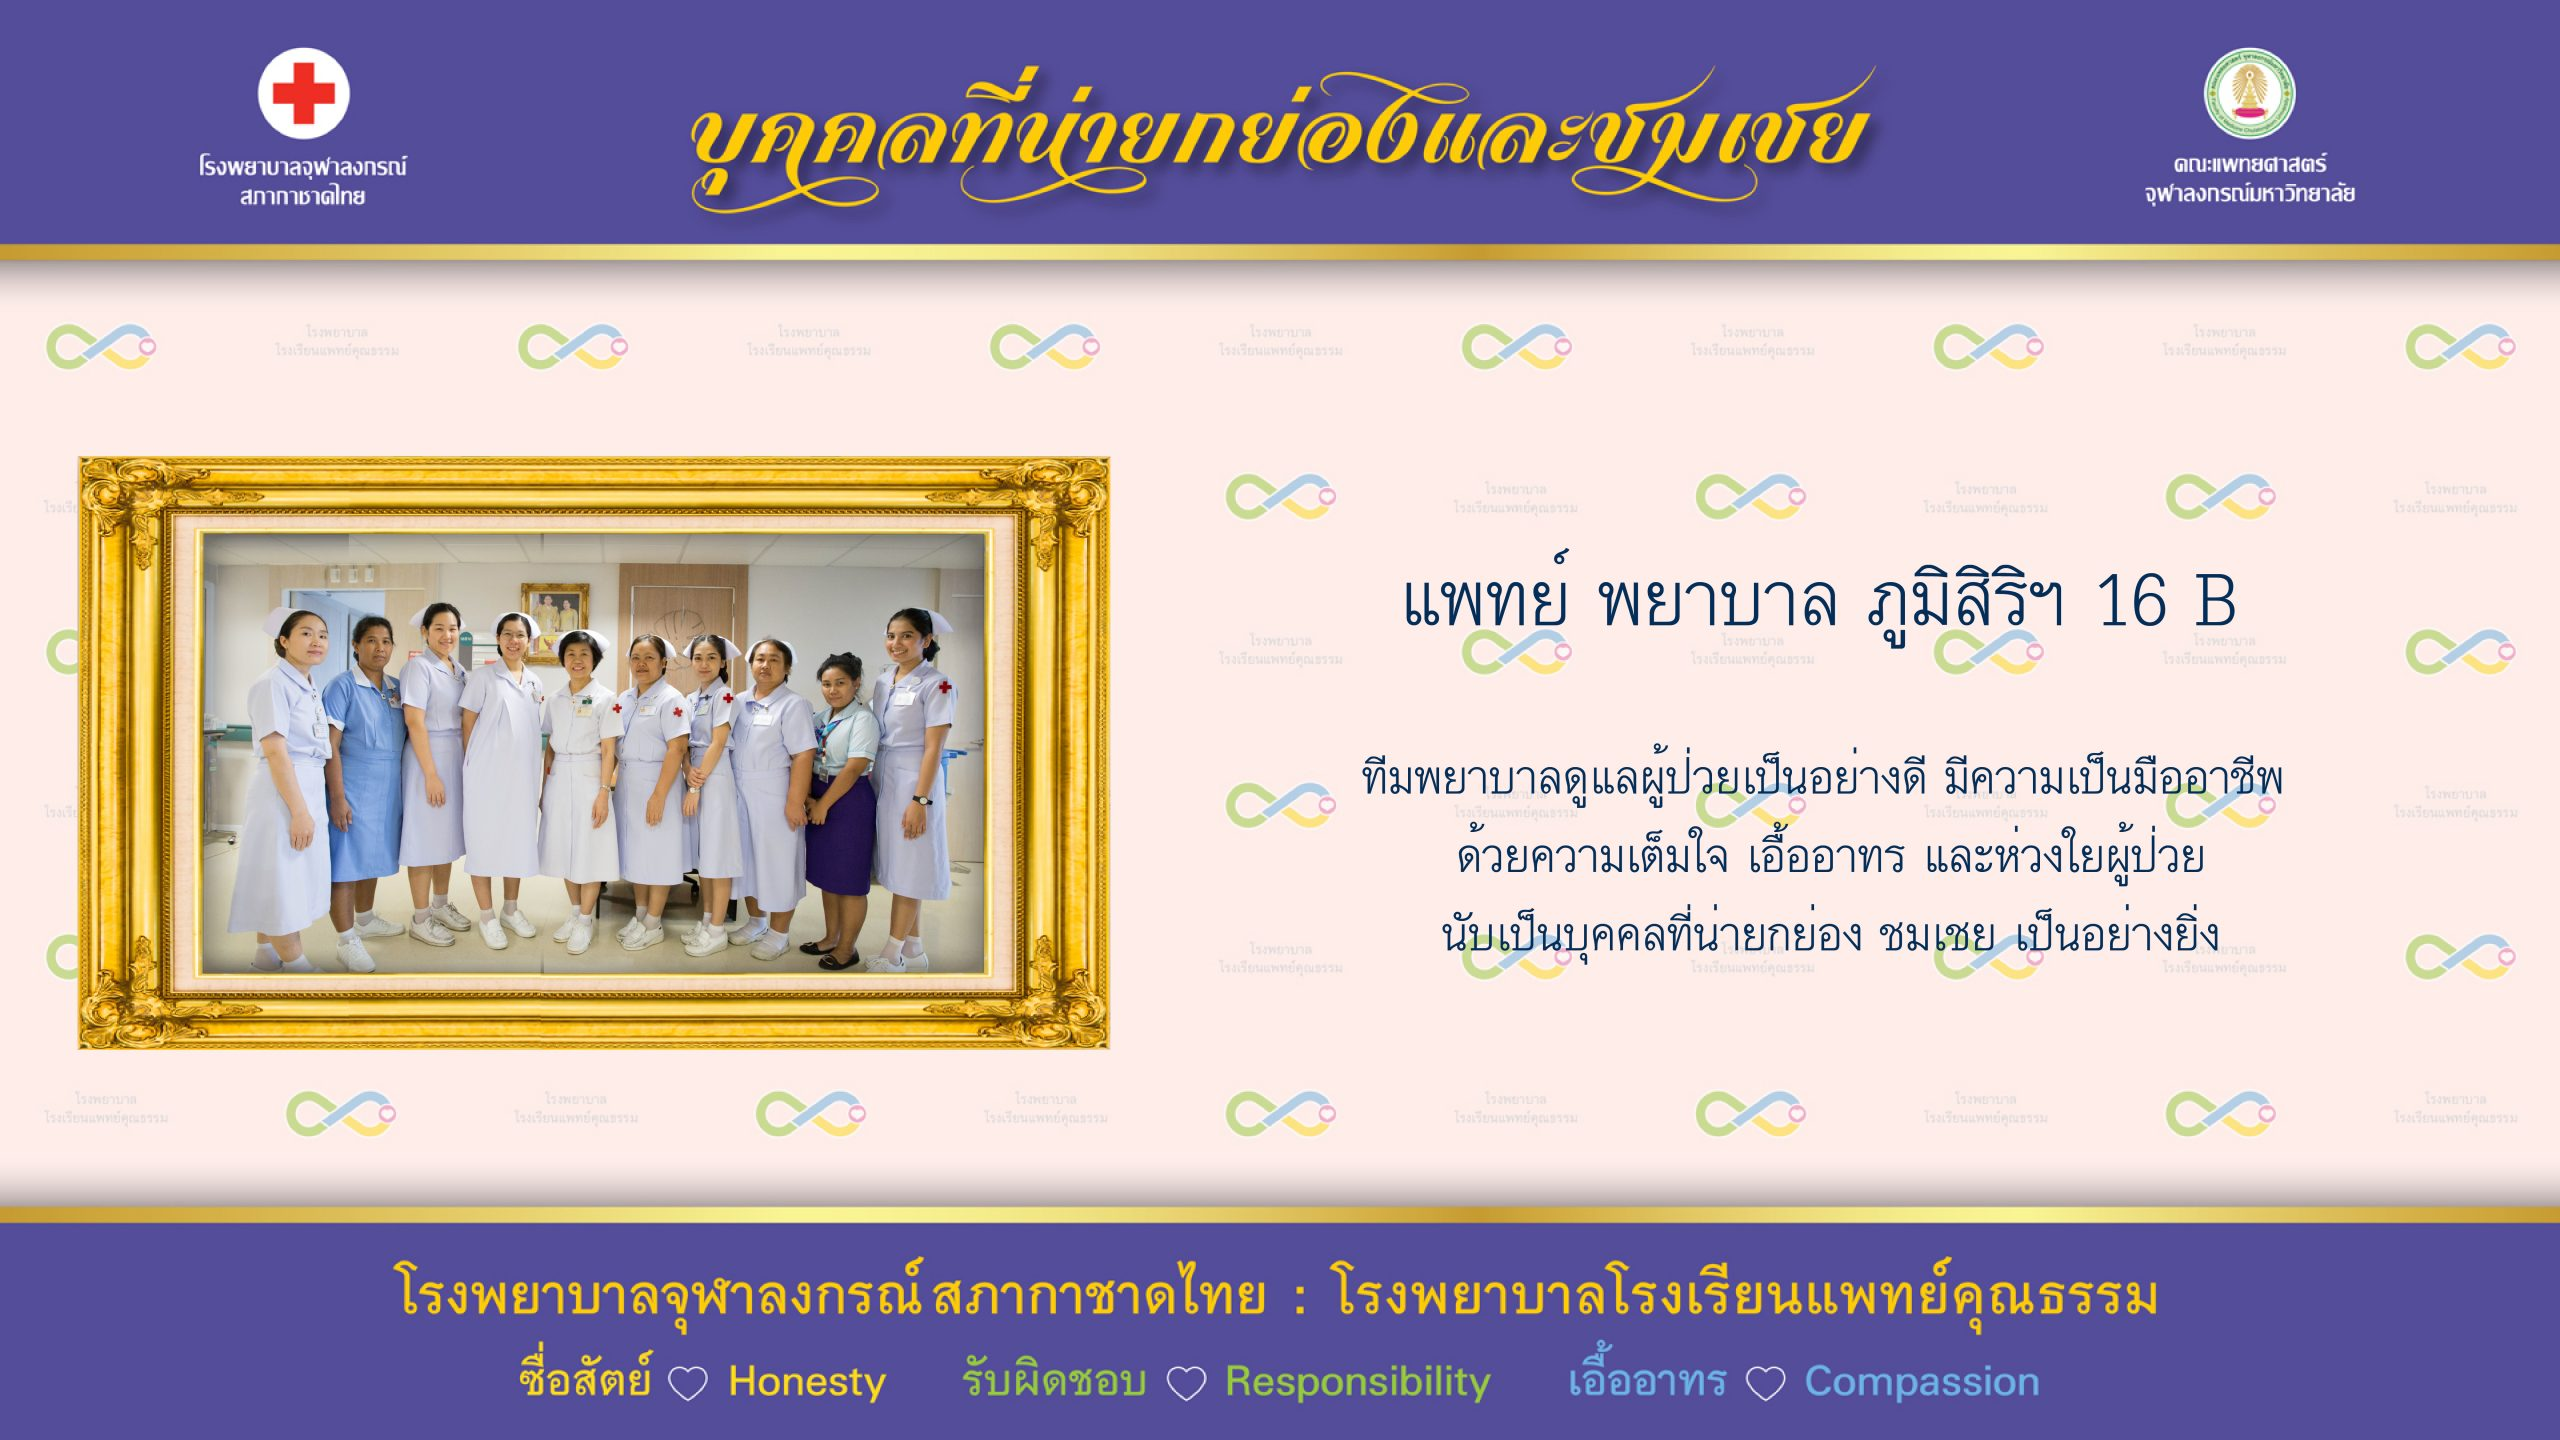 แพทย์ พยาบาล ภูมิสิริฯ 16B